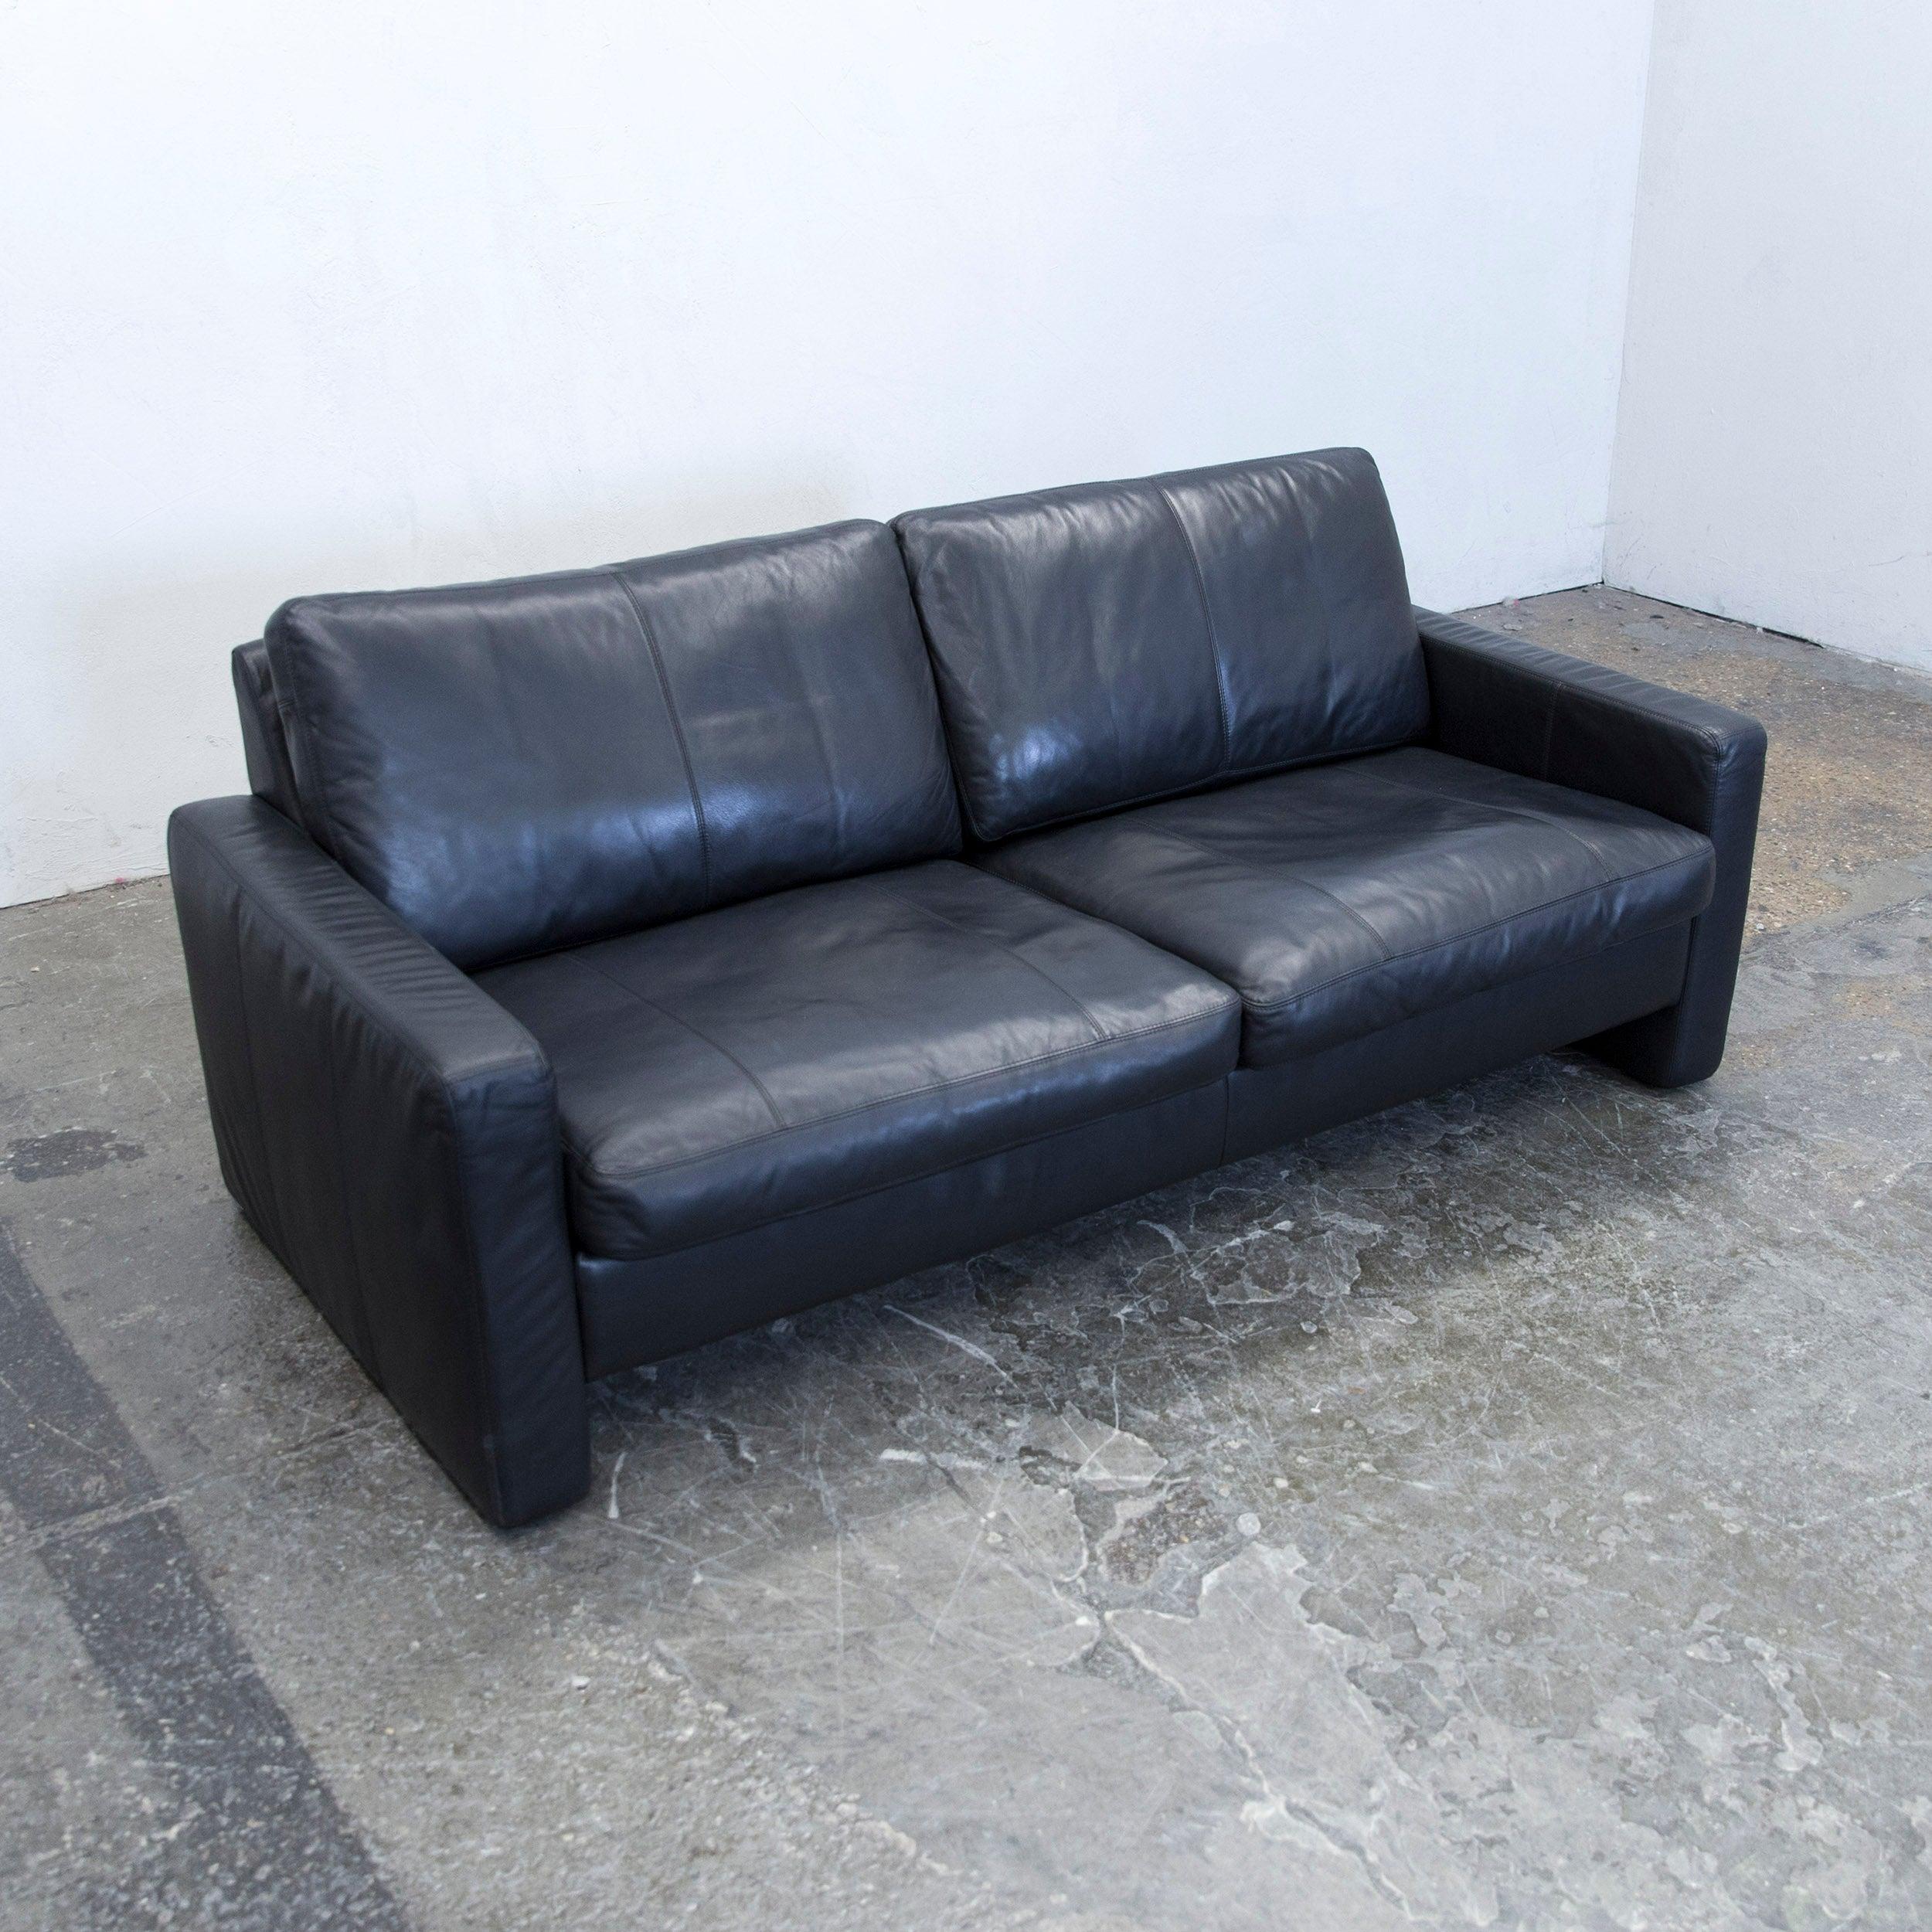 Designer Couch Leder Fabulous Fabulous Designer Sofas Gnstig With